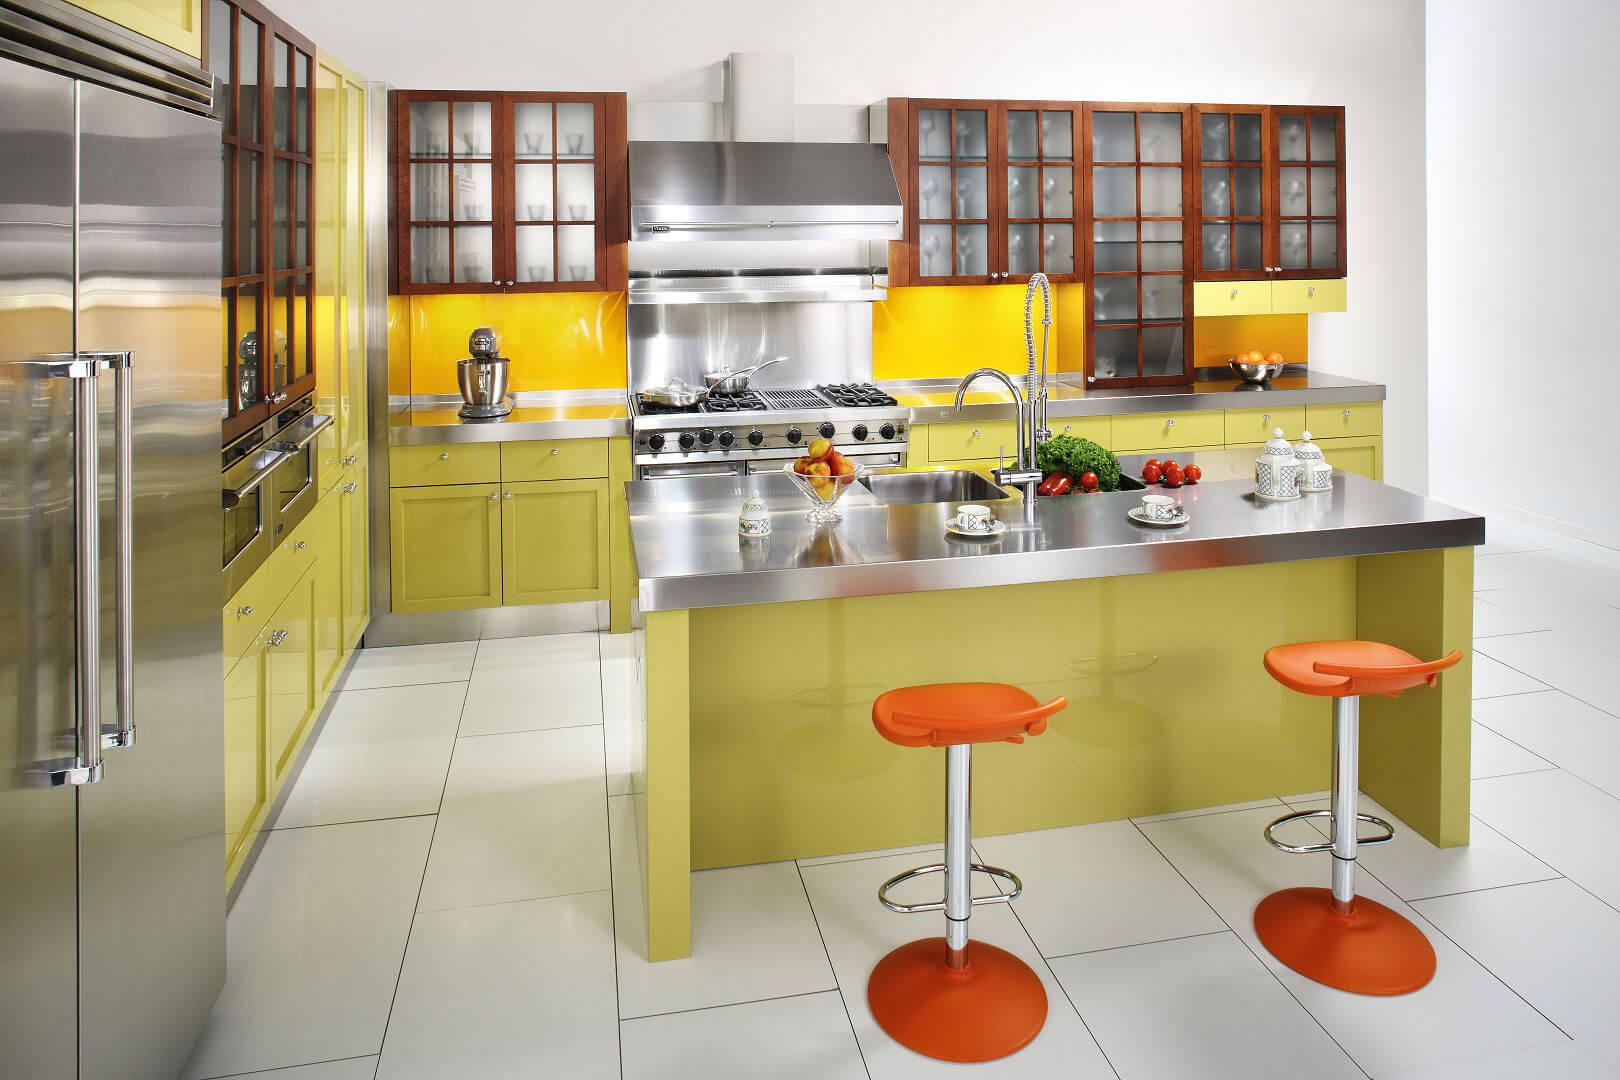 Arca Cucine Italia - Cucine Domestiche in Acciaio Inox - 14 - Cambridge - Isola